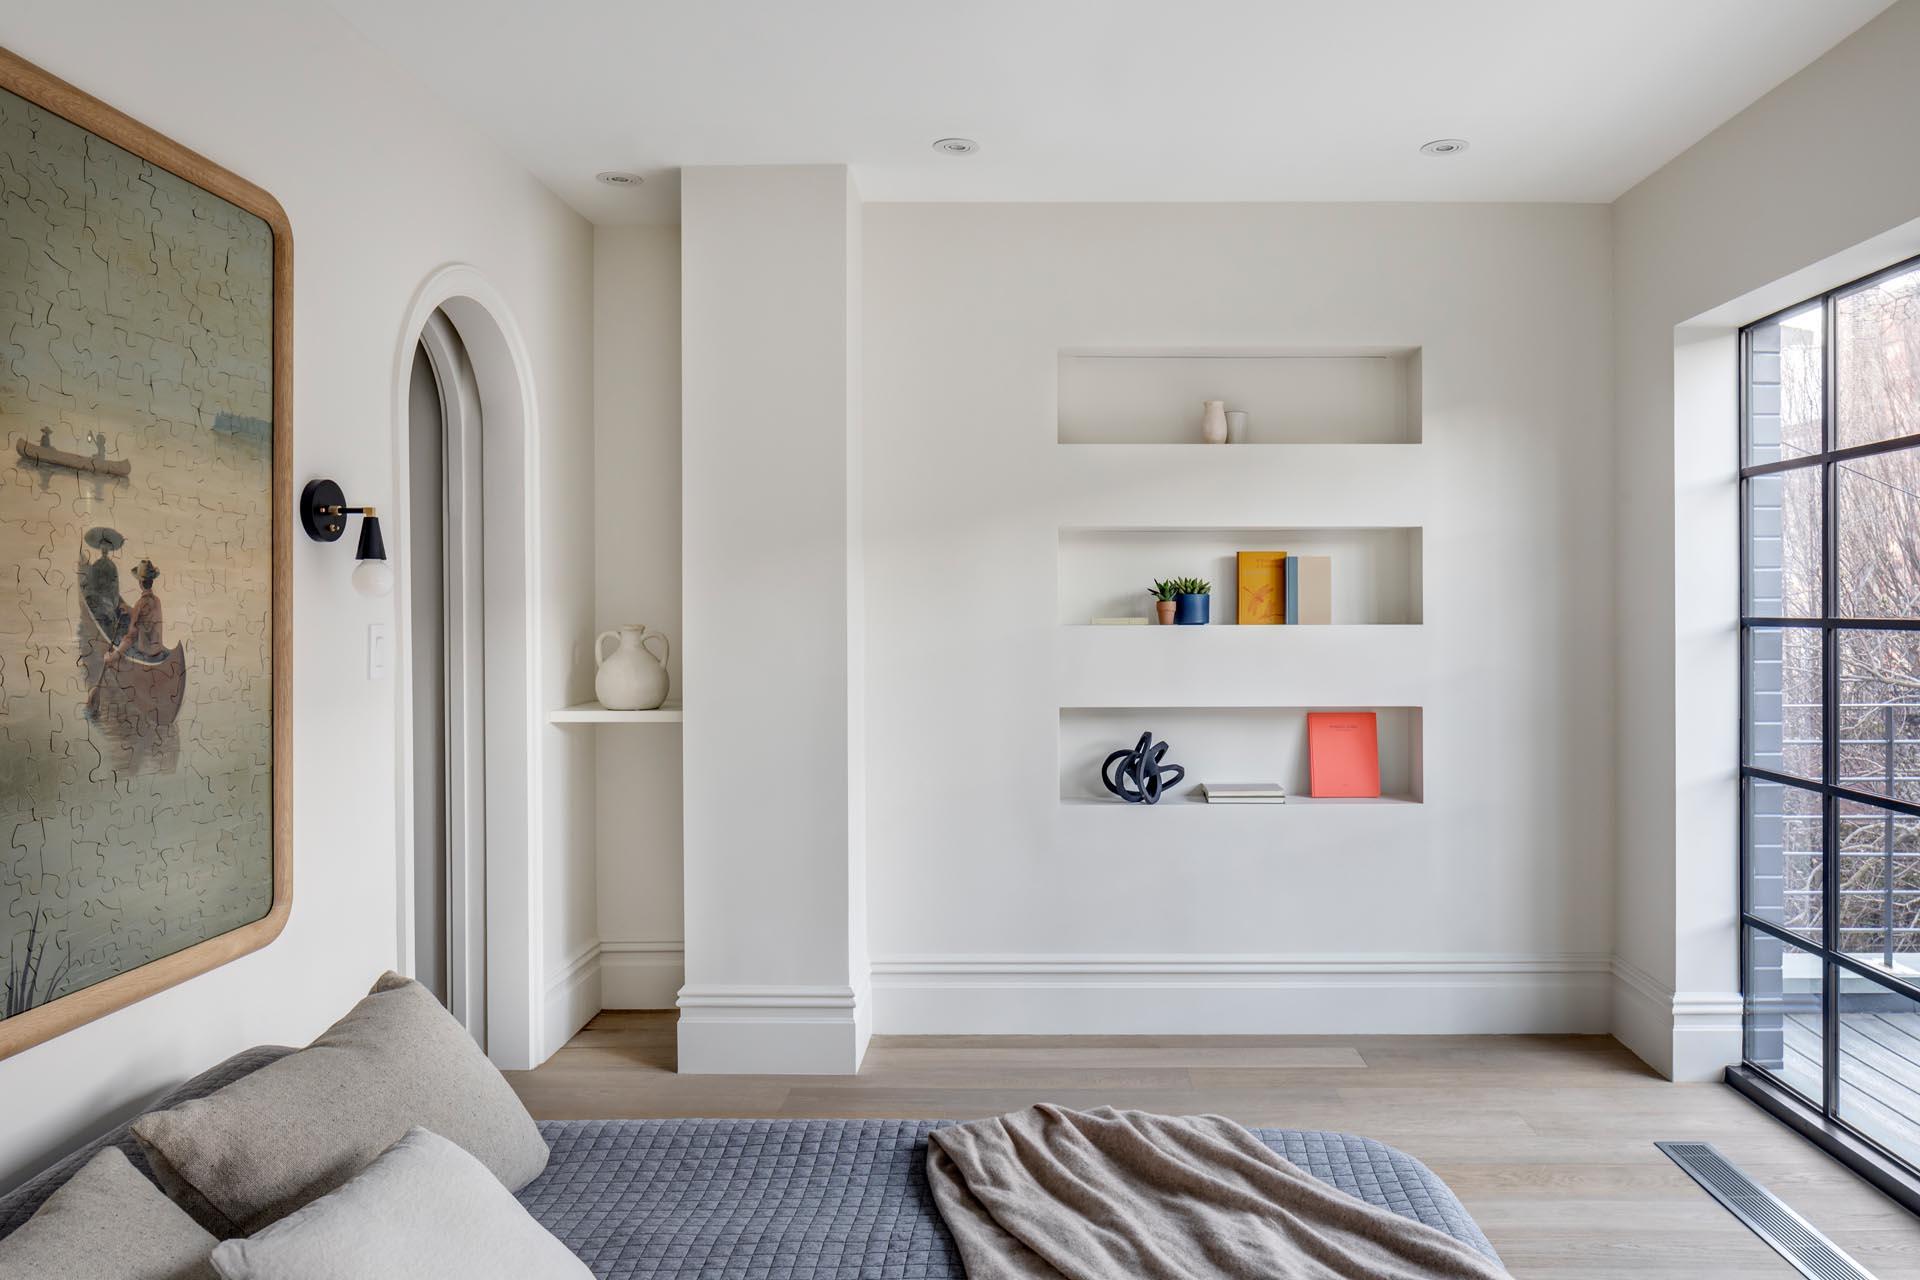 Lägenhet böjt träband